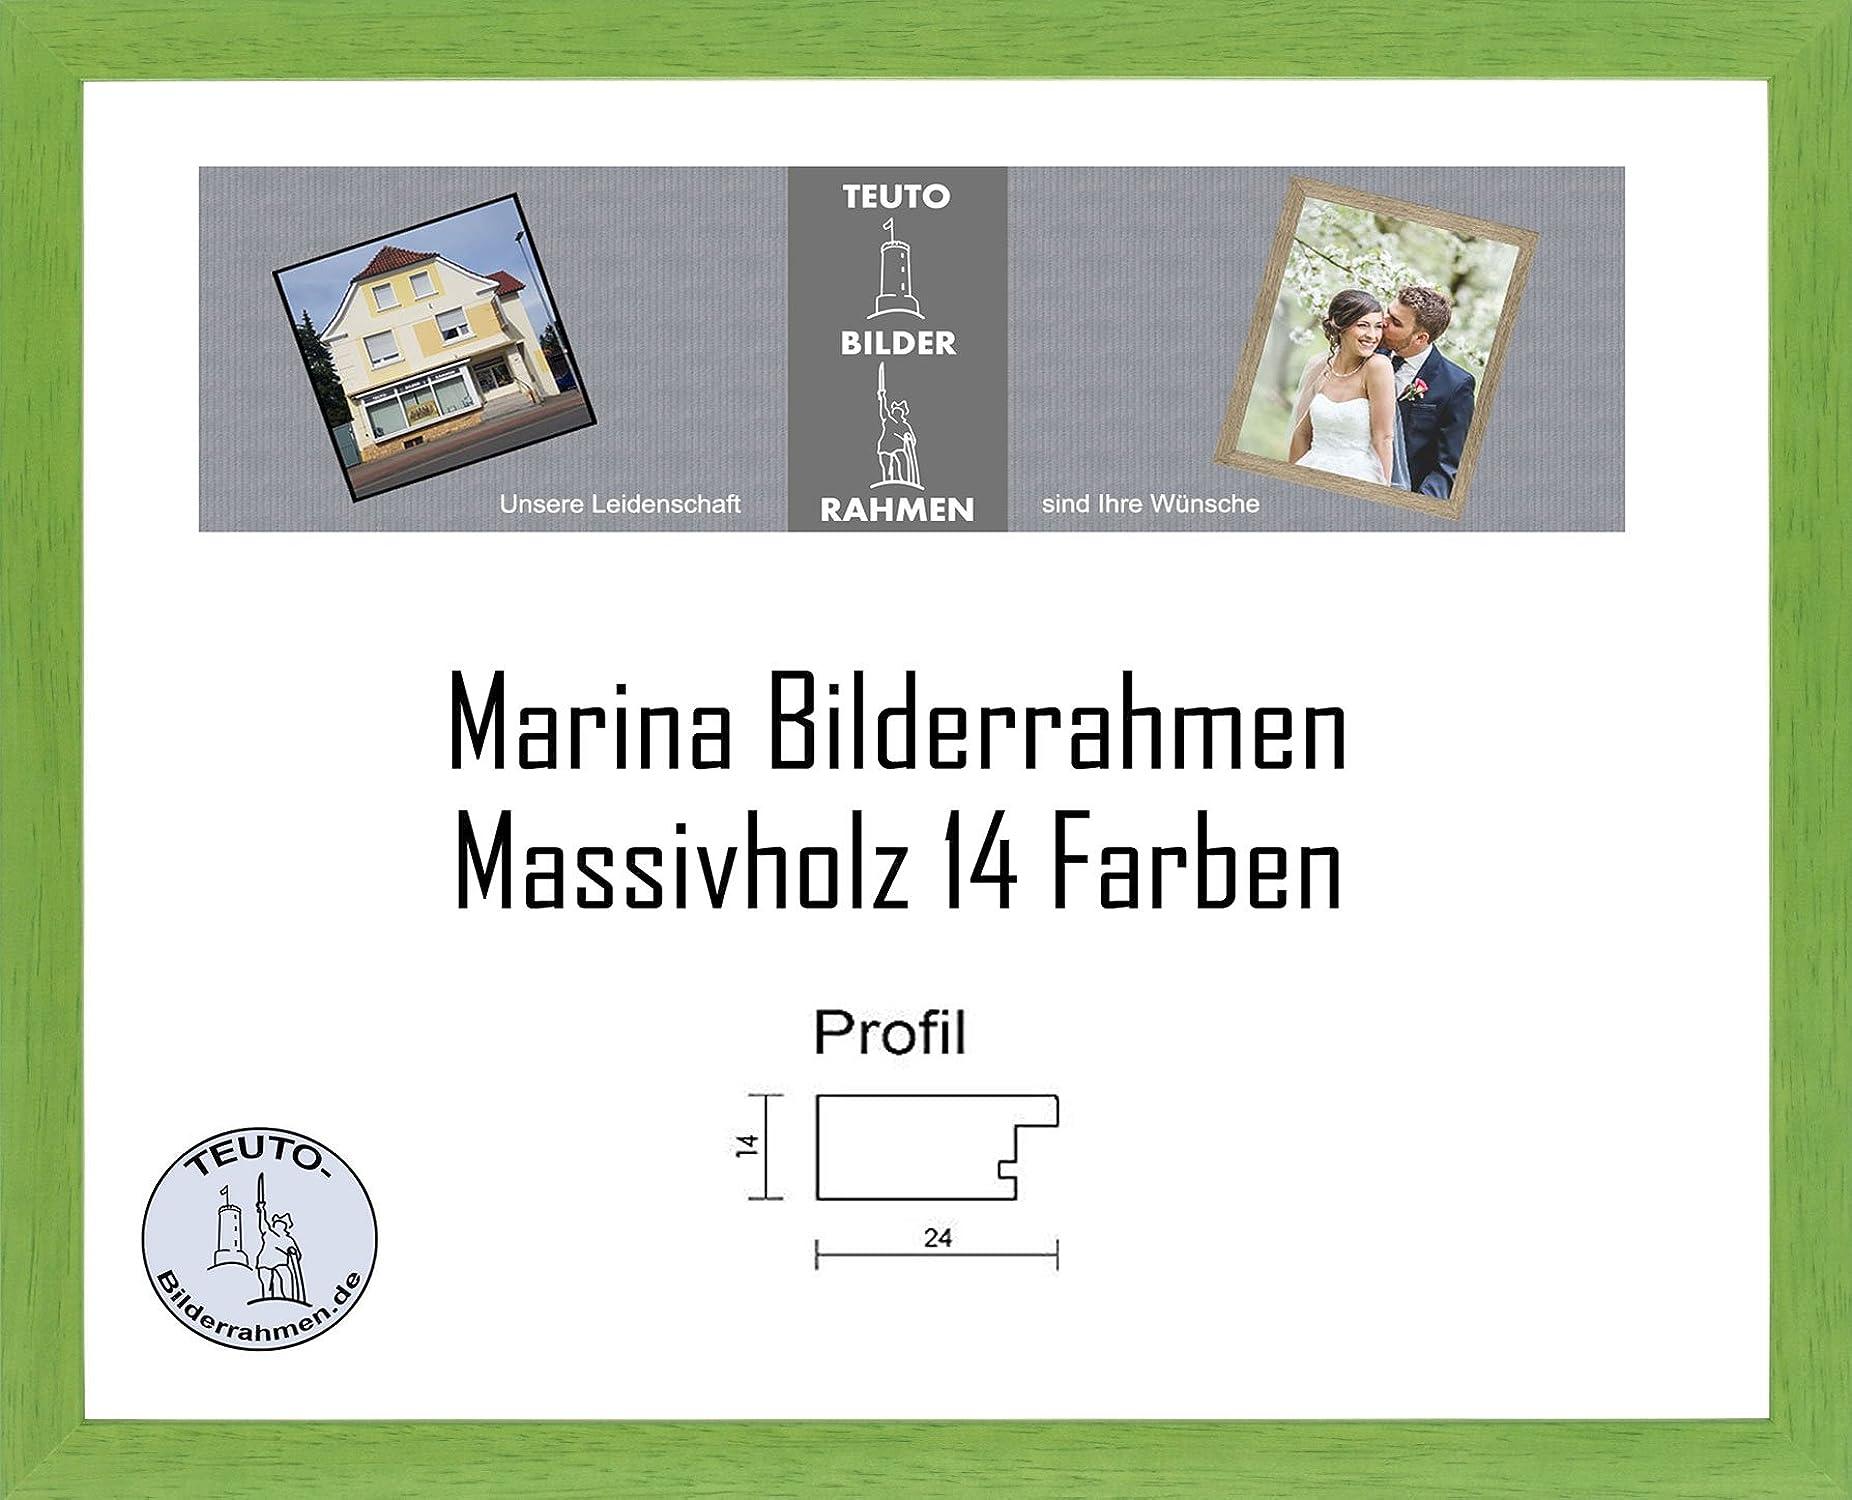 ¡envío gratis! Teuto-Bilderrahmen Marina Marco de Madera 61 x 86 cm cm cm Madera Maciza Simple Elegante 86x61 cm Vidrio acrílico antirreflexivo 2mm en 14 Colors Diferentes aquí  Trébol  garantía de crédito